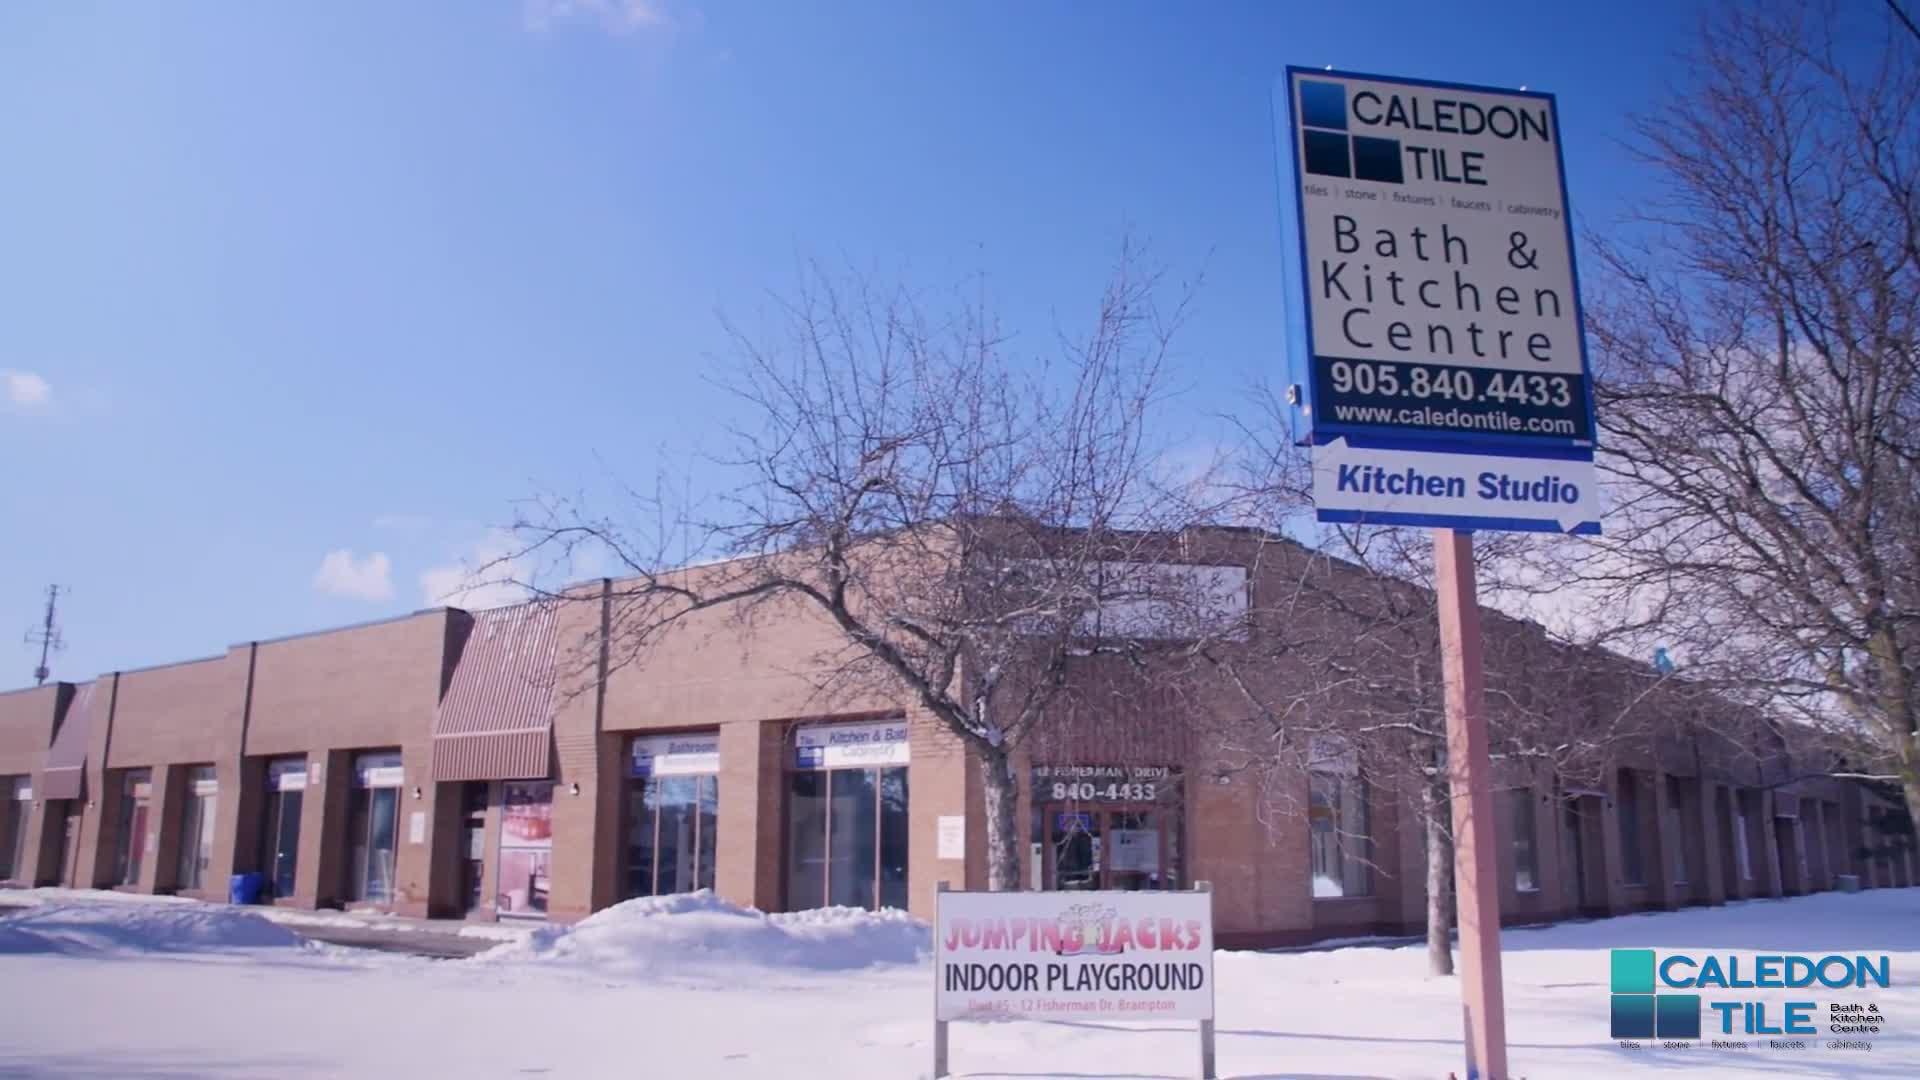 video Caledon Tile Bath & Kitchen Centre